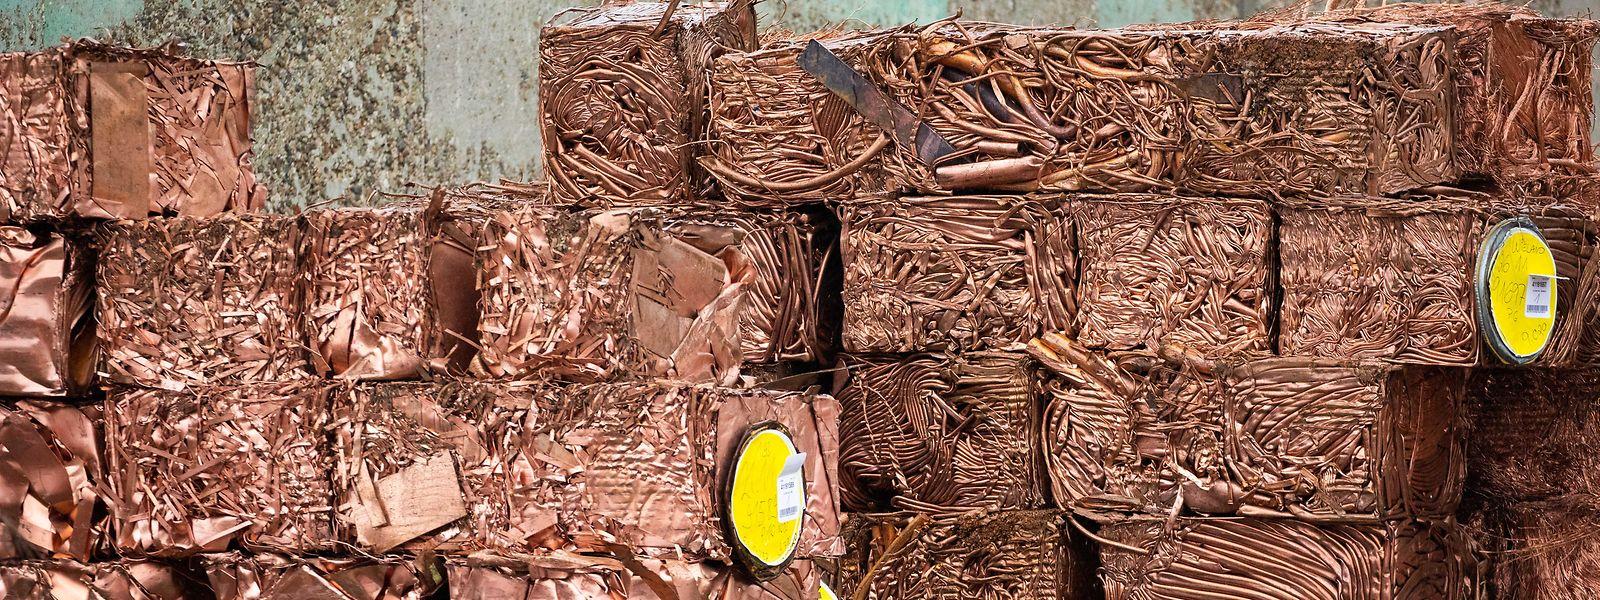 Wertvoller Kupferschrott: Der Preis des Metalls hat sich im letzten Jahr fast verdoppelt.